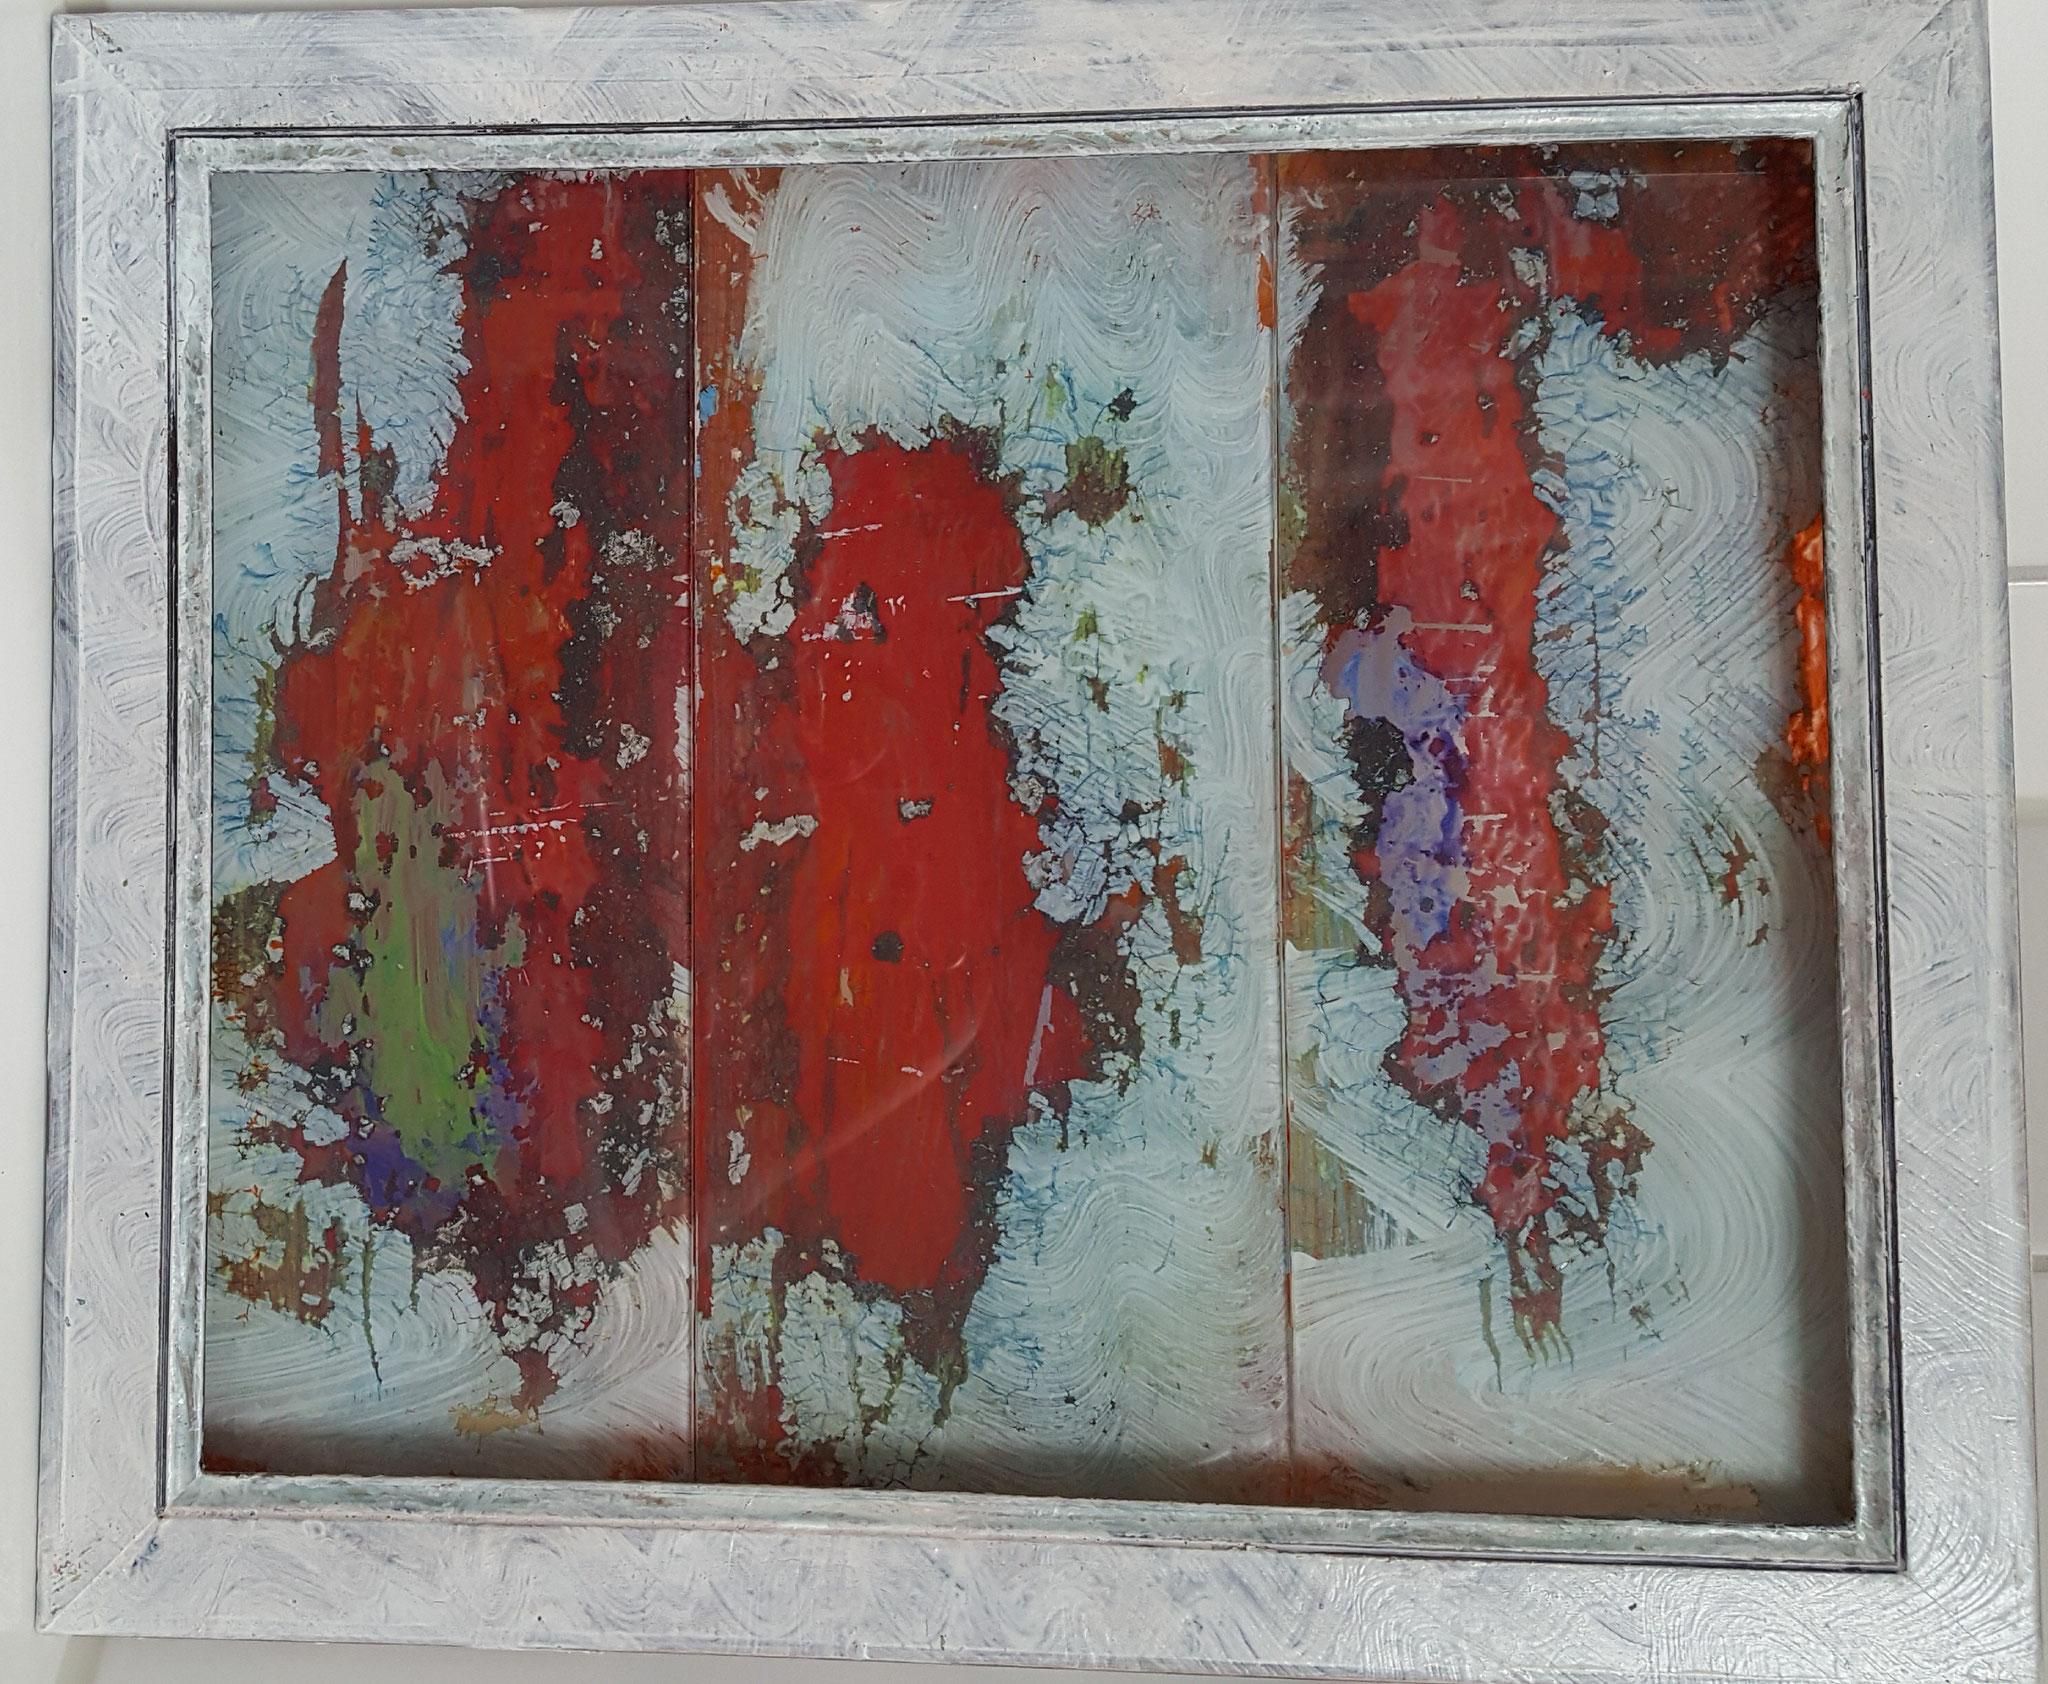 Glas 1, 36x31cm Fr. 290.--